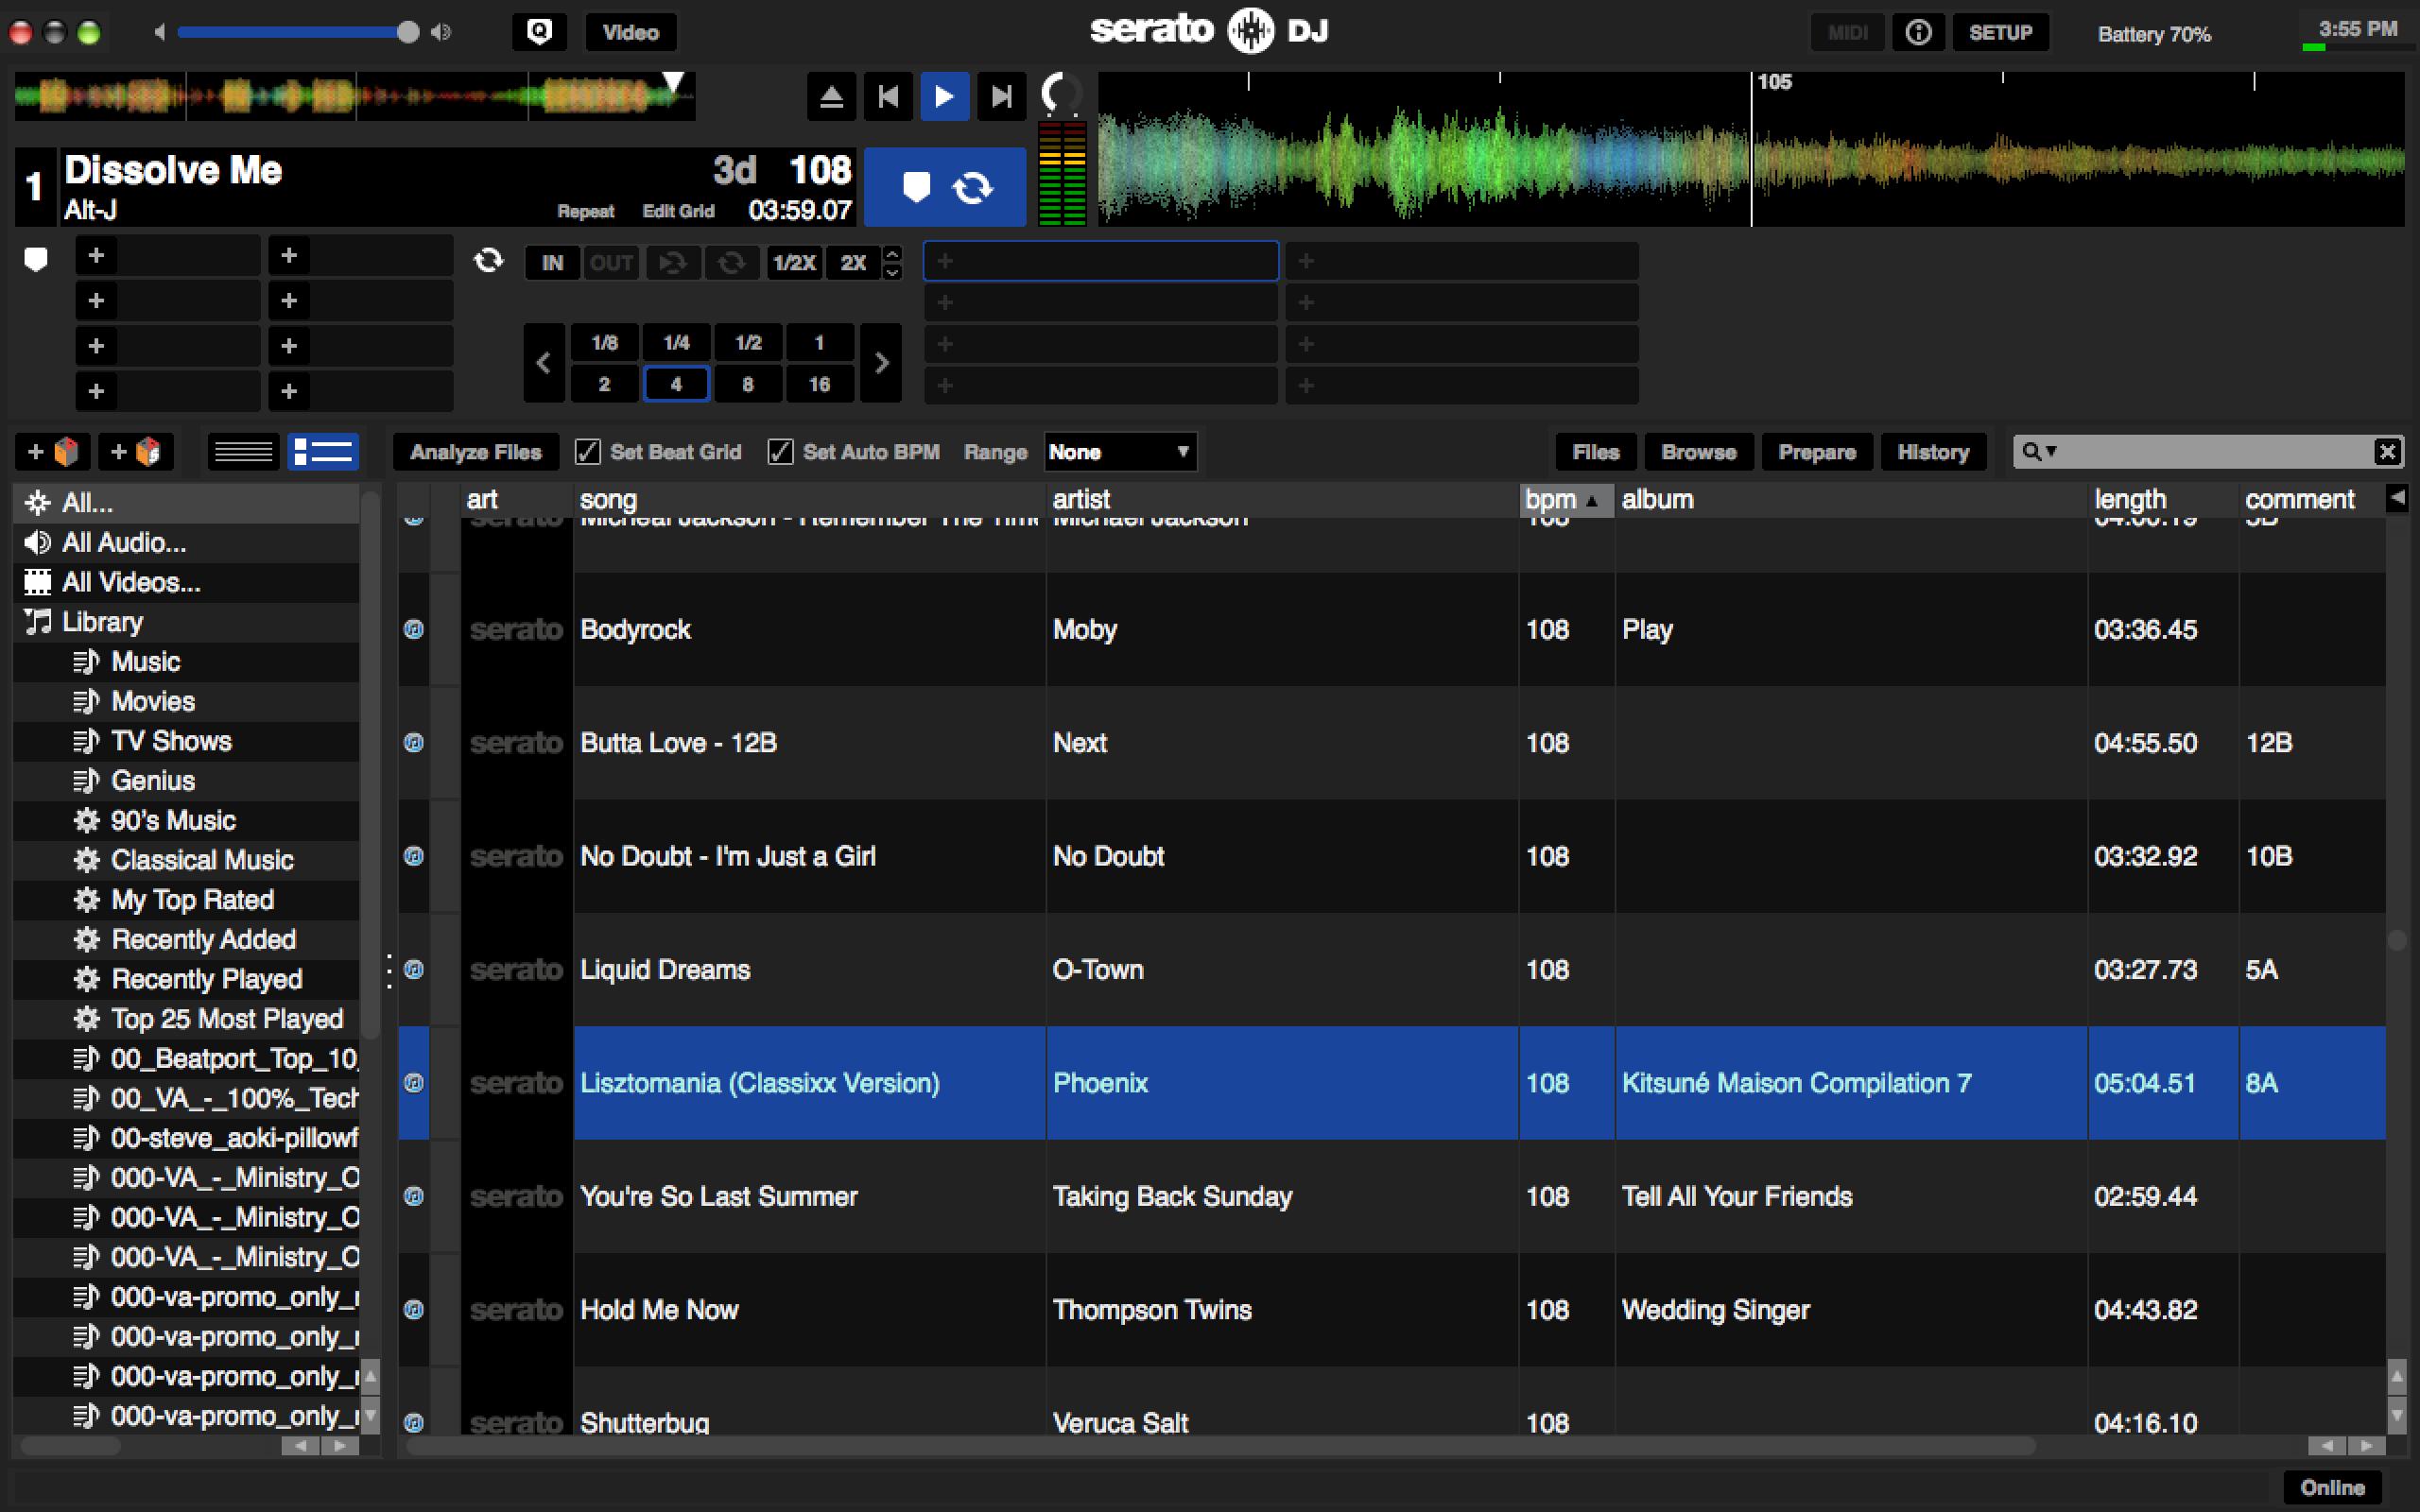 serato studio free download